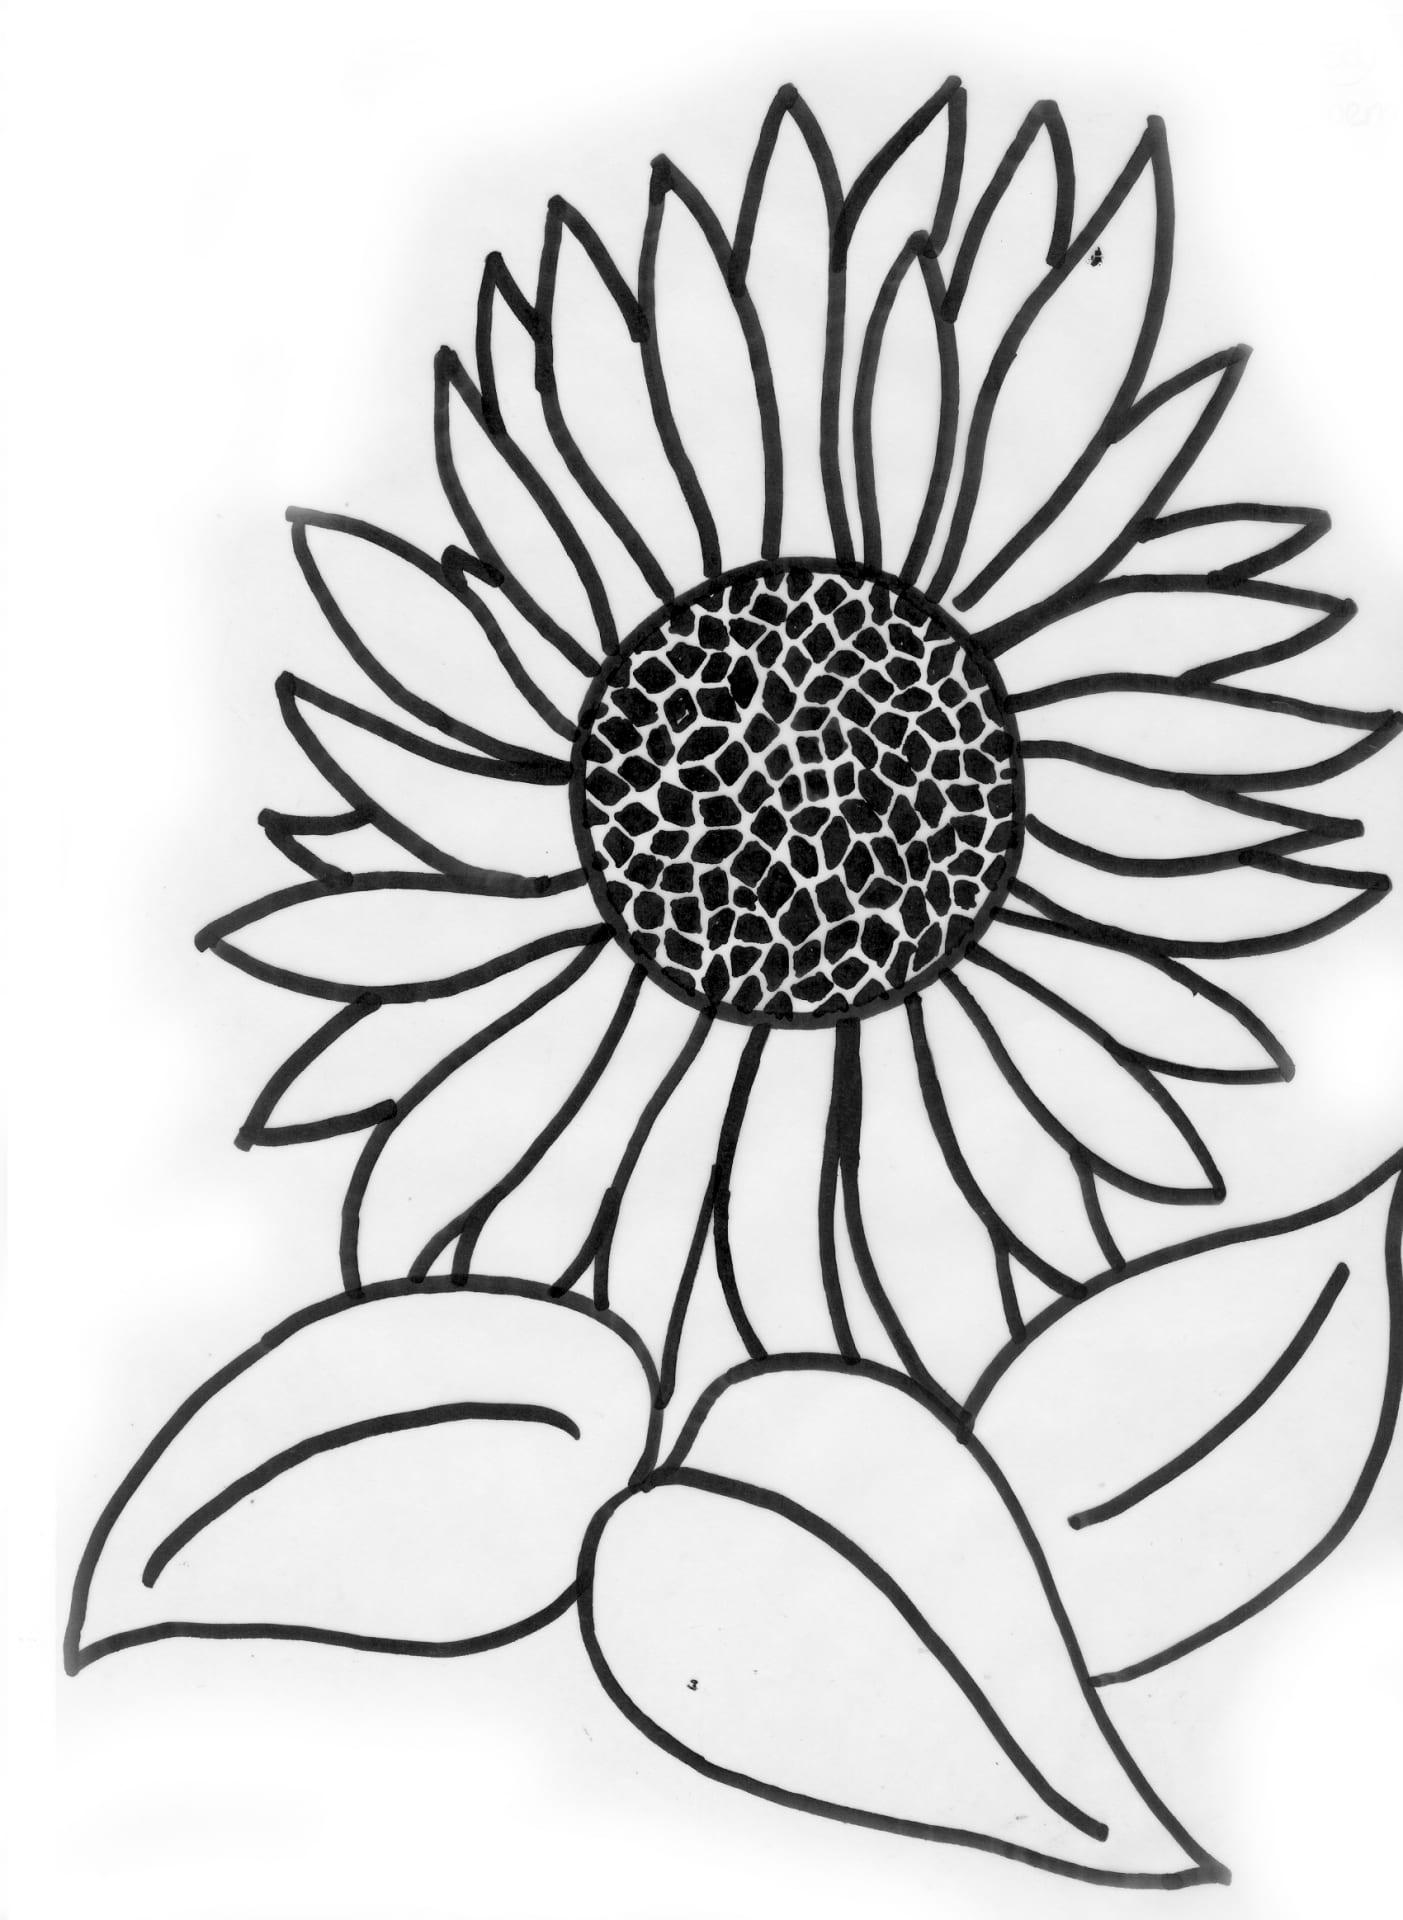 Een afbeelding van een zonnebloem die kan worden gezandstraald op een grafmonument